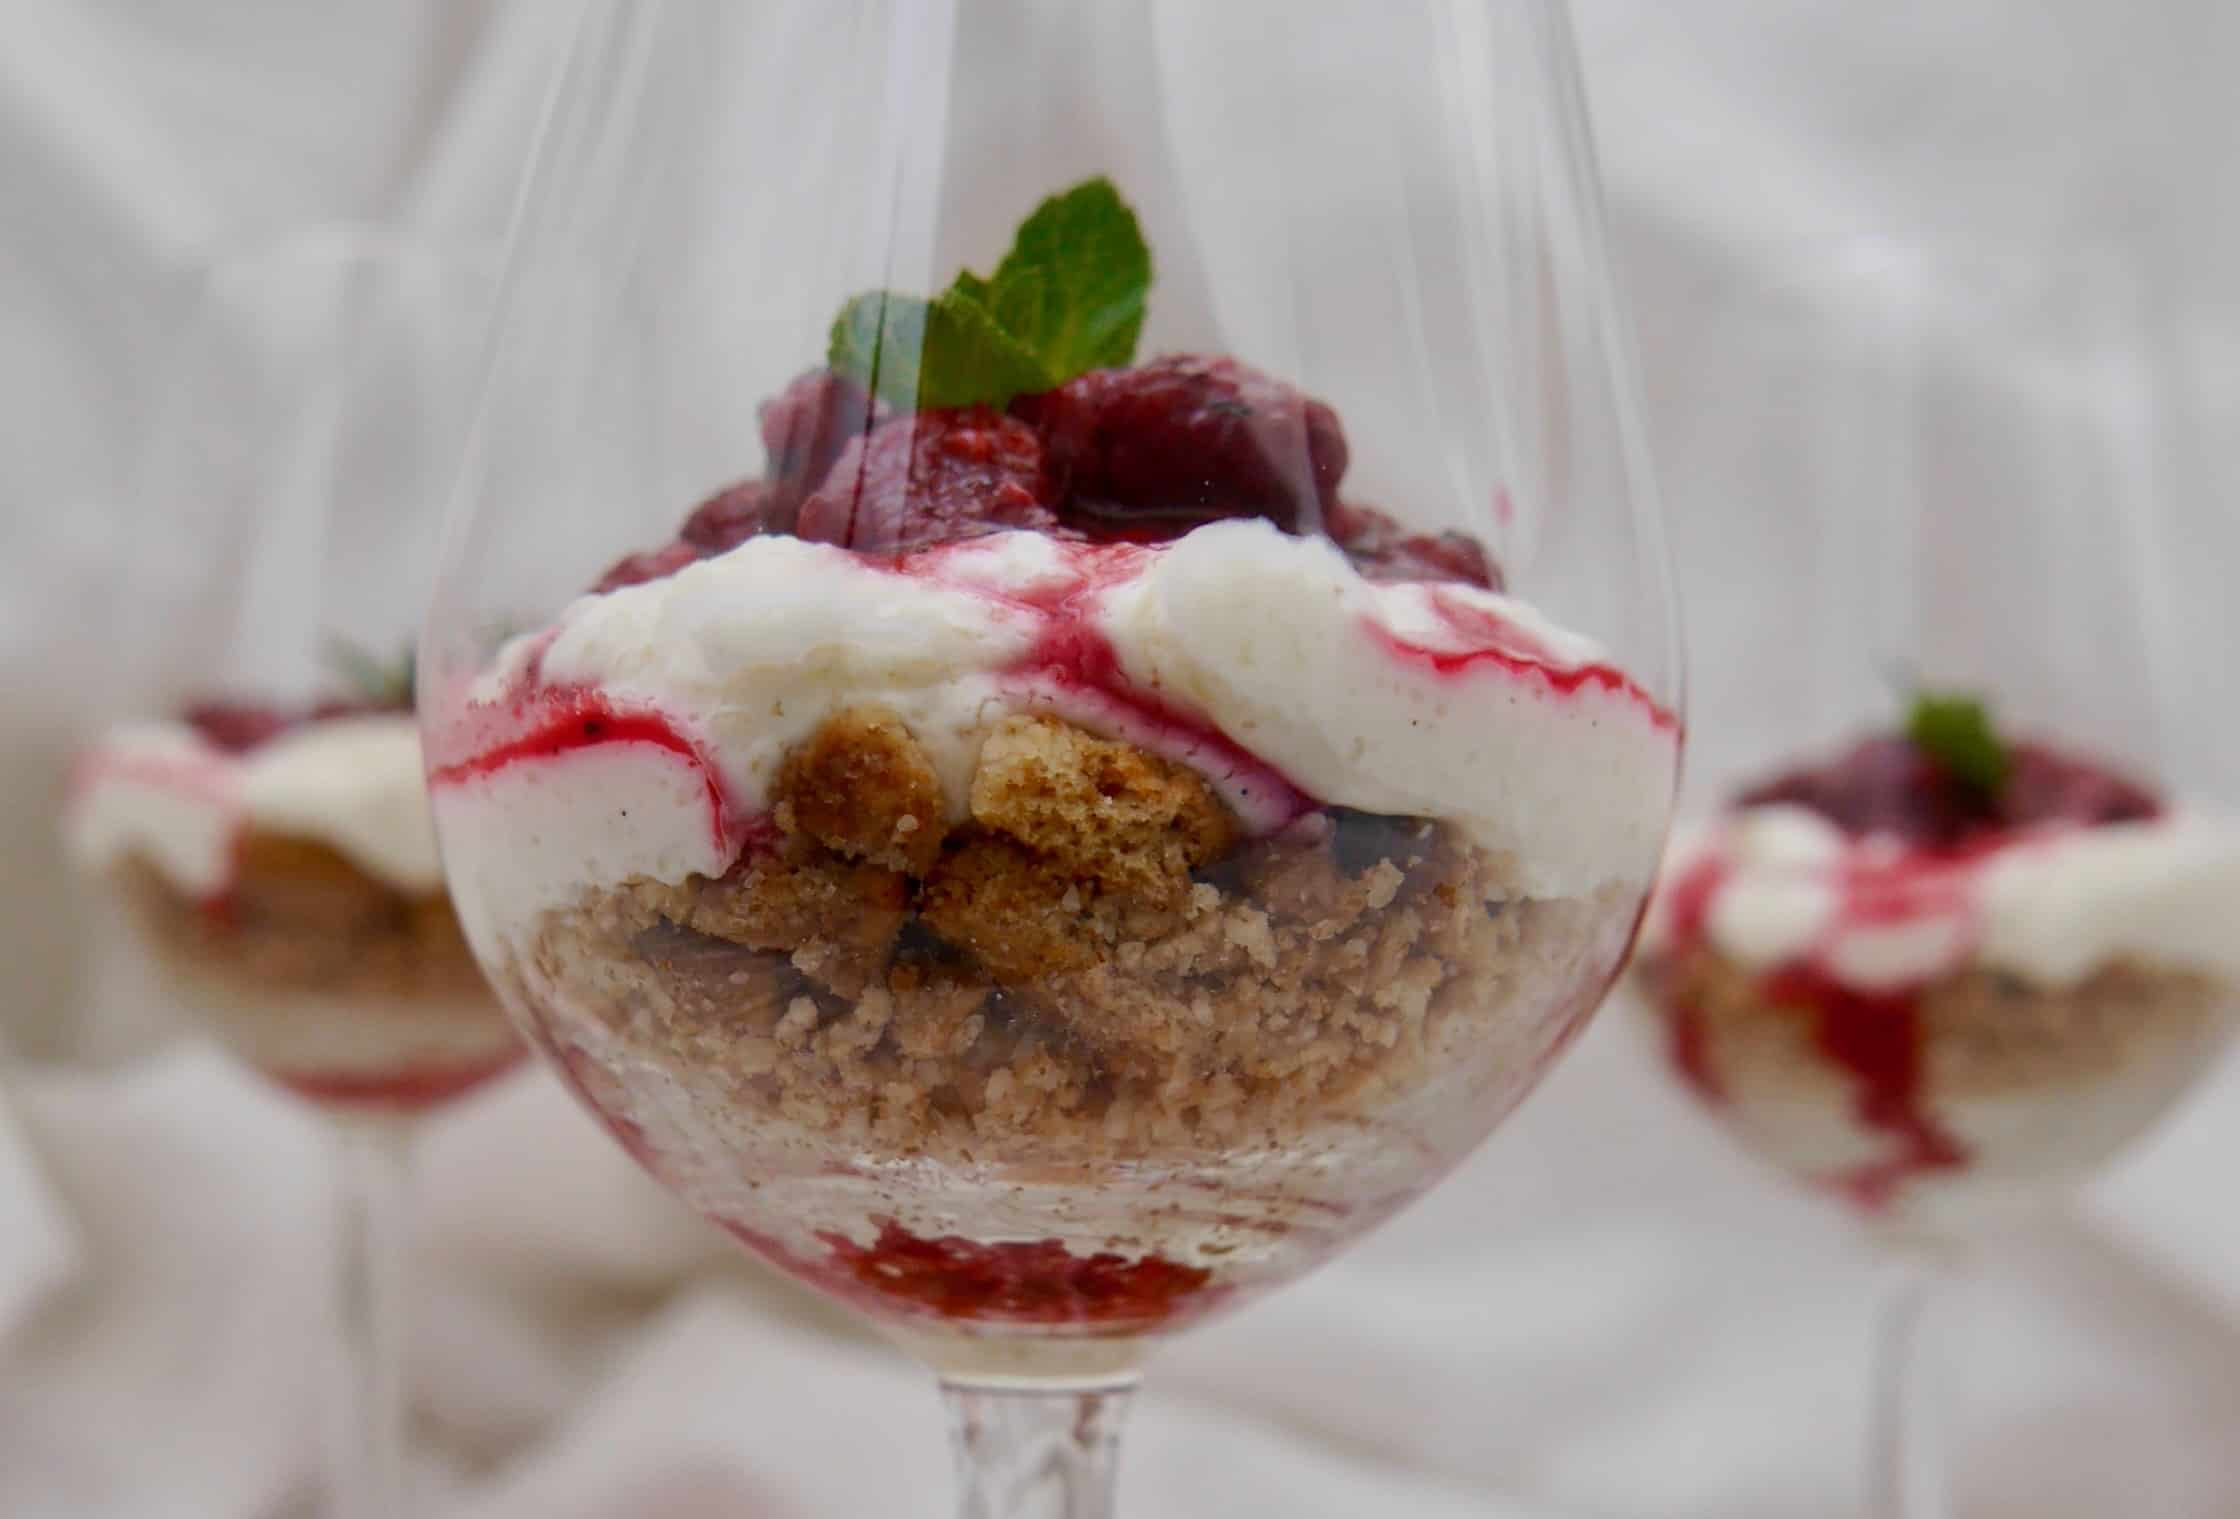 Cheesecake im Glas by Dr. Alexa Iwan